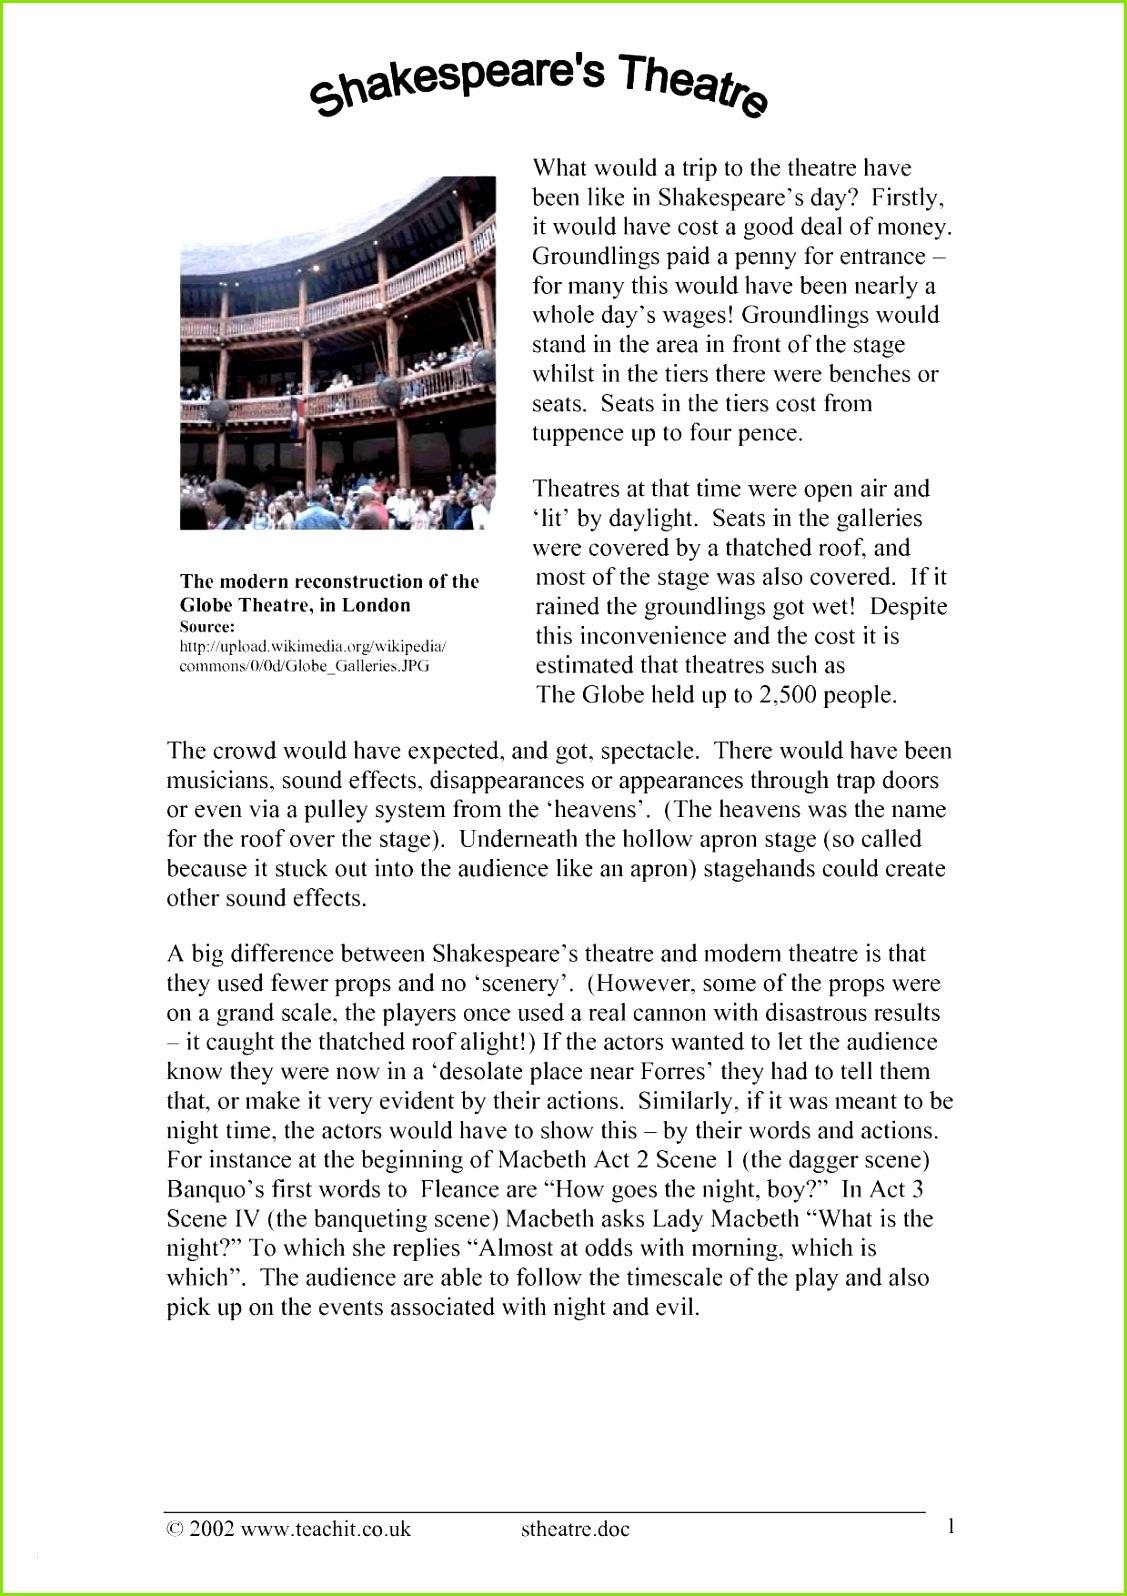 Unfallbericht Schreiben Muster Elegant Lebenslauf Rechtsanwalt Inspirierend Unfallbericht Schreiben Muster